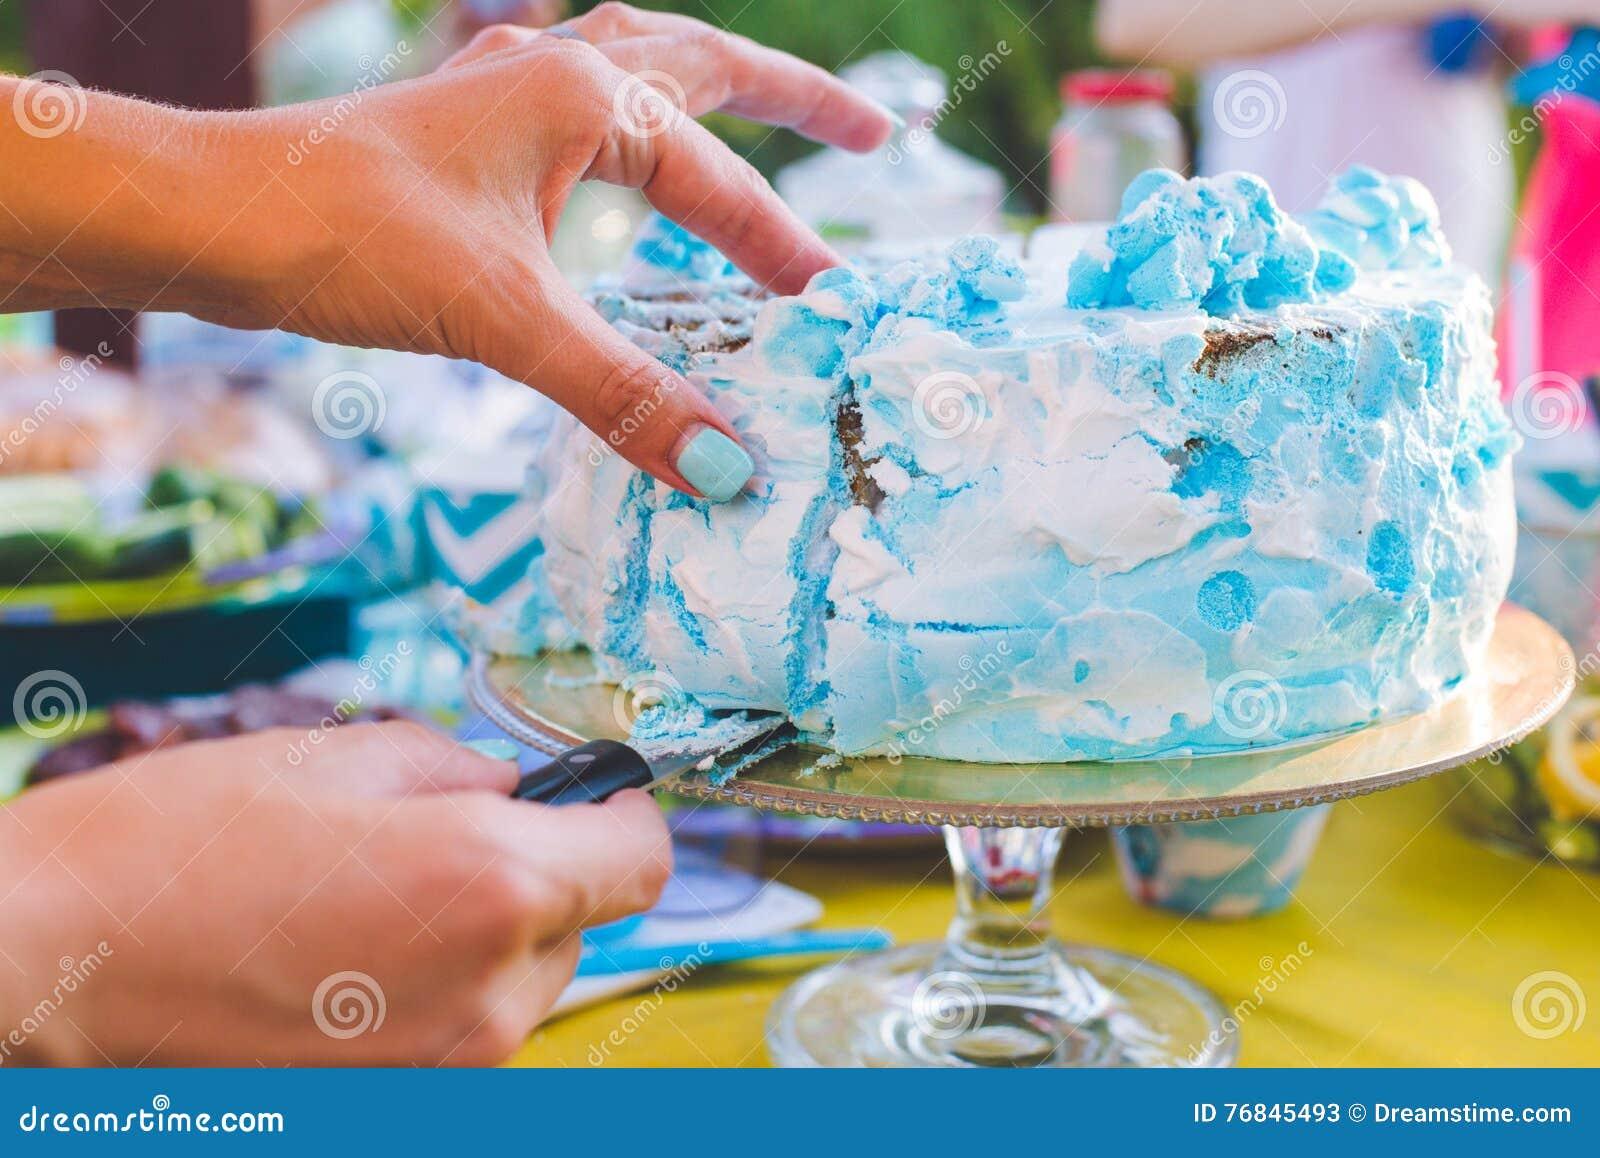 Bolo de aniversário para o aniversário Uma parte já cortou A faca corta o bolo Piquenique no parque em um dia ensolarado Azul do